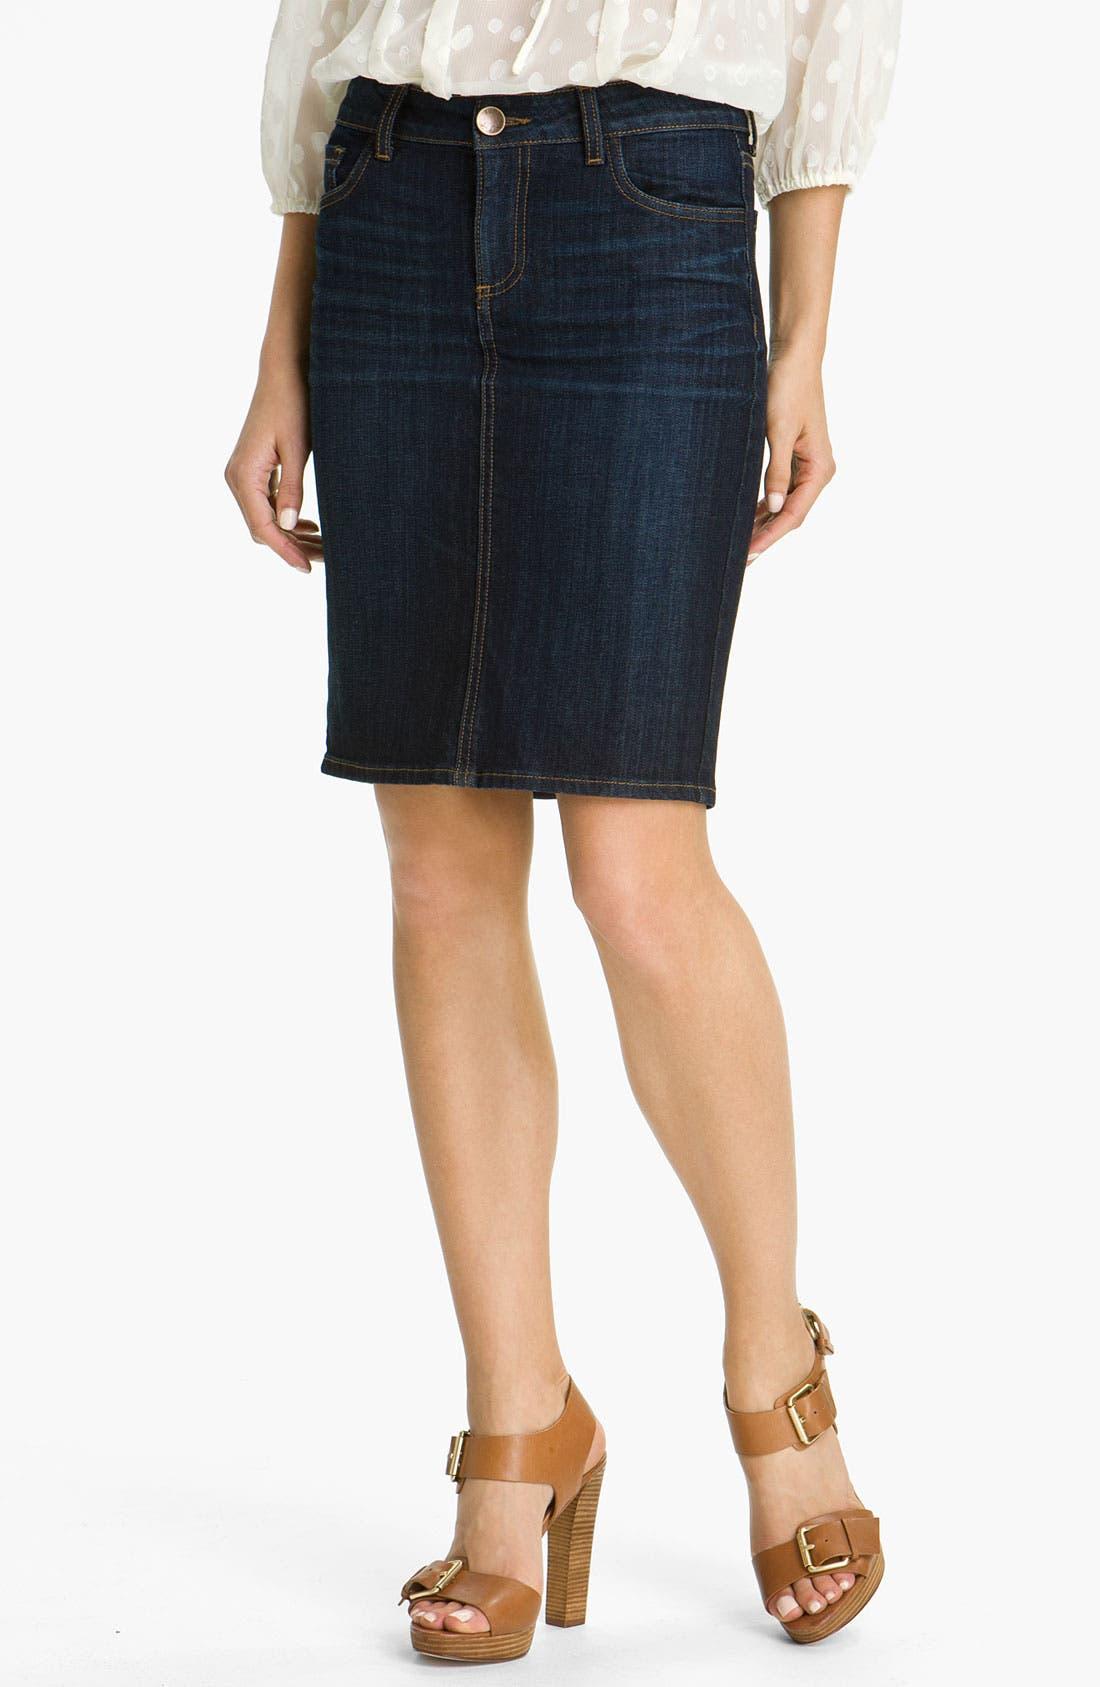 Alternate Image 1 Selected - KUT from the Kloth Denim Skirt